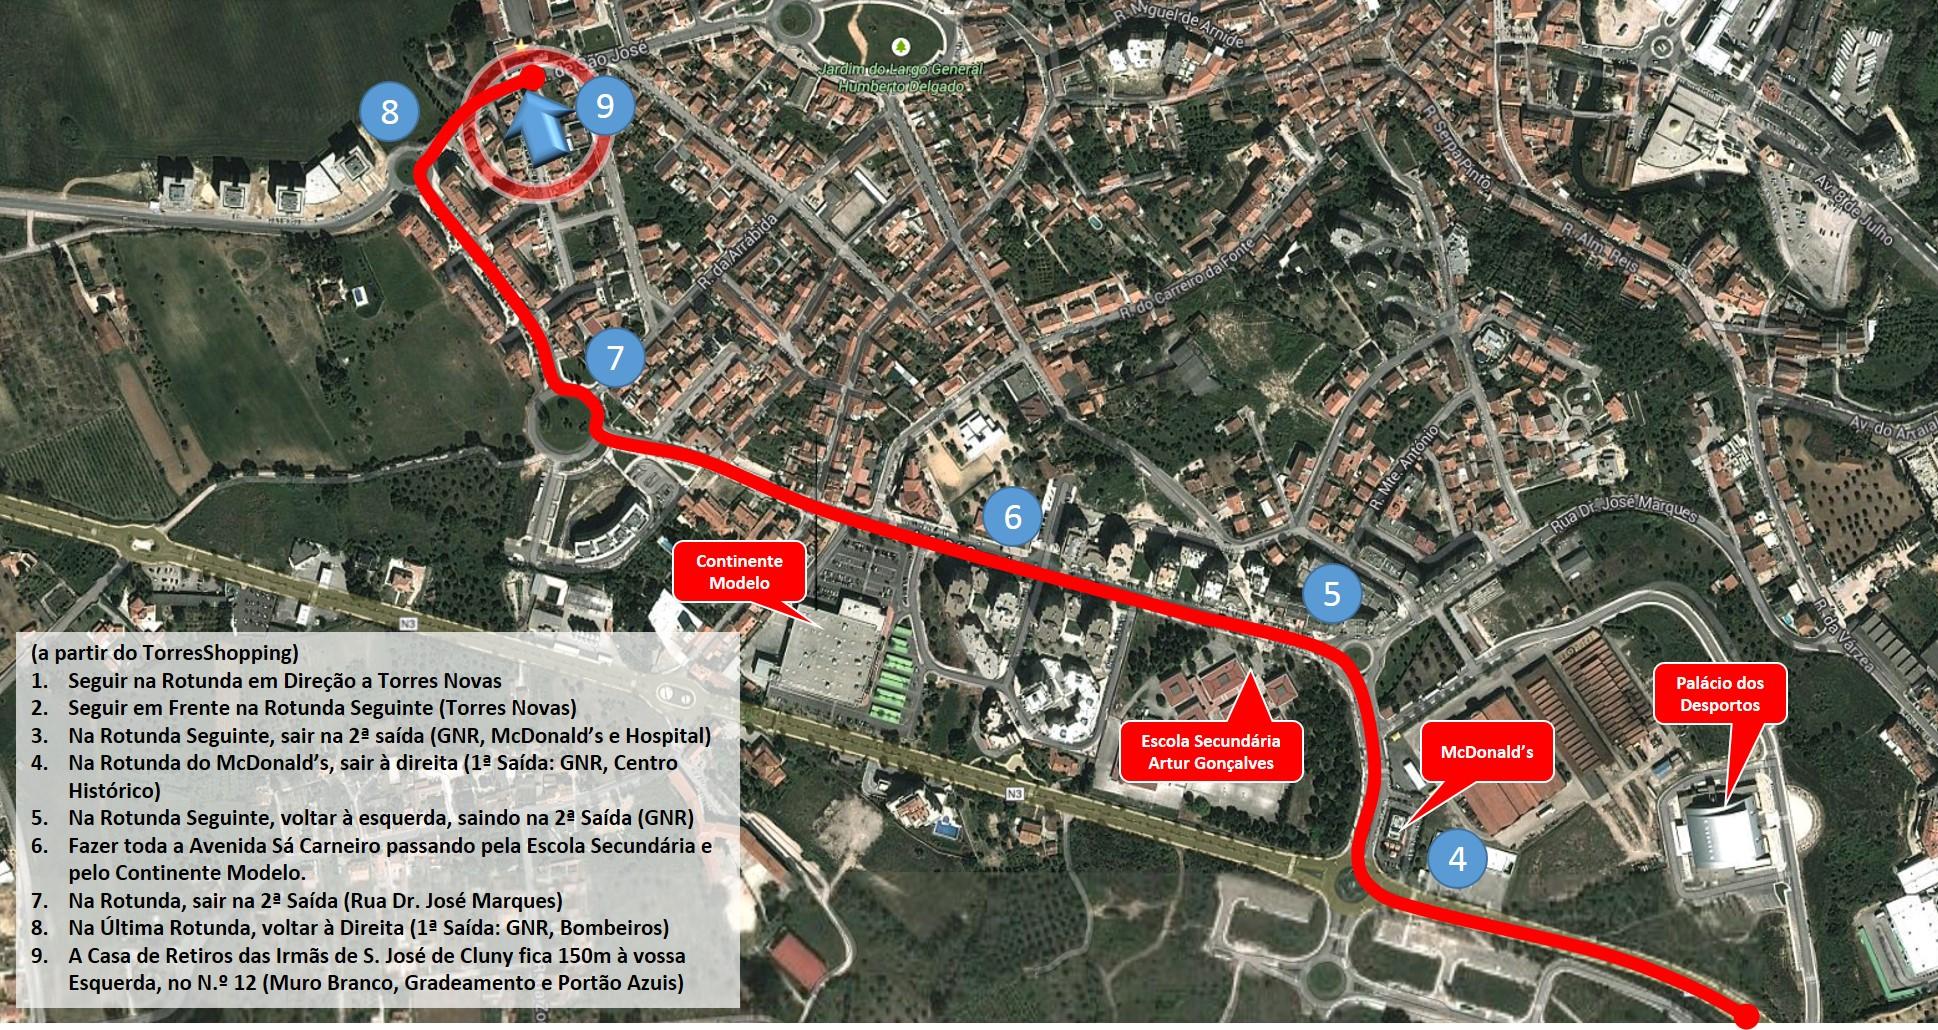 Mapa Casa de Retiros Irmãs de S. José de Cluny